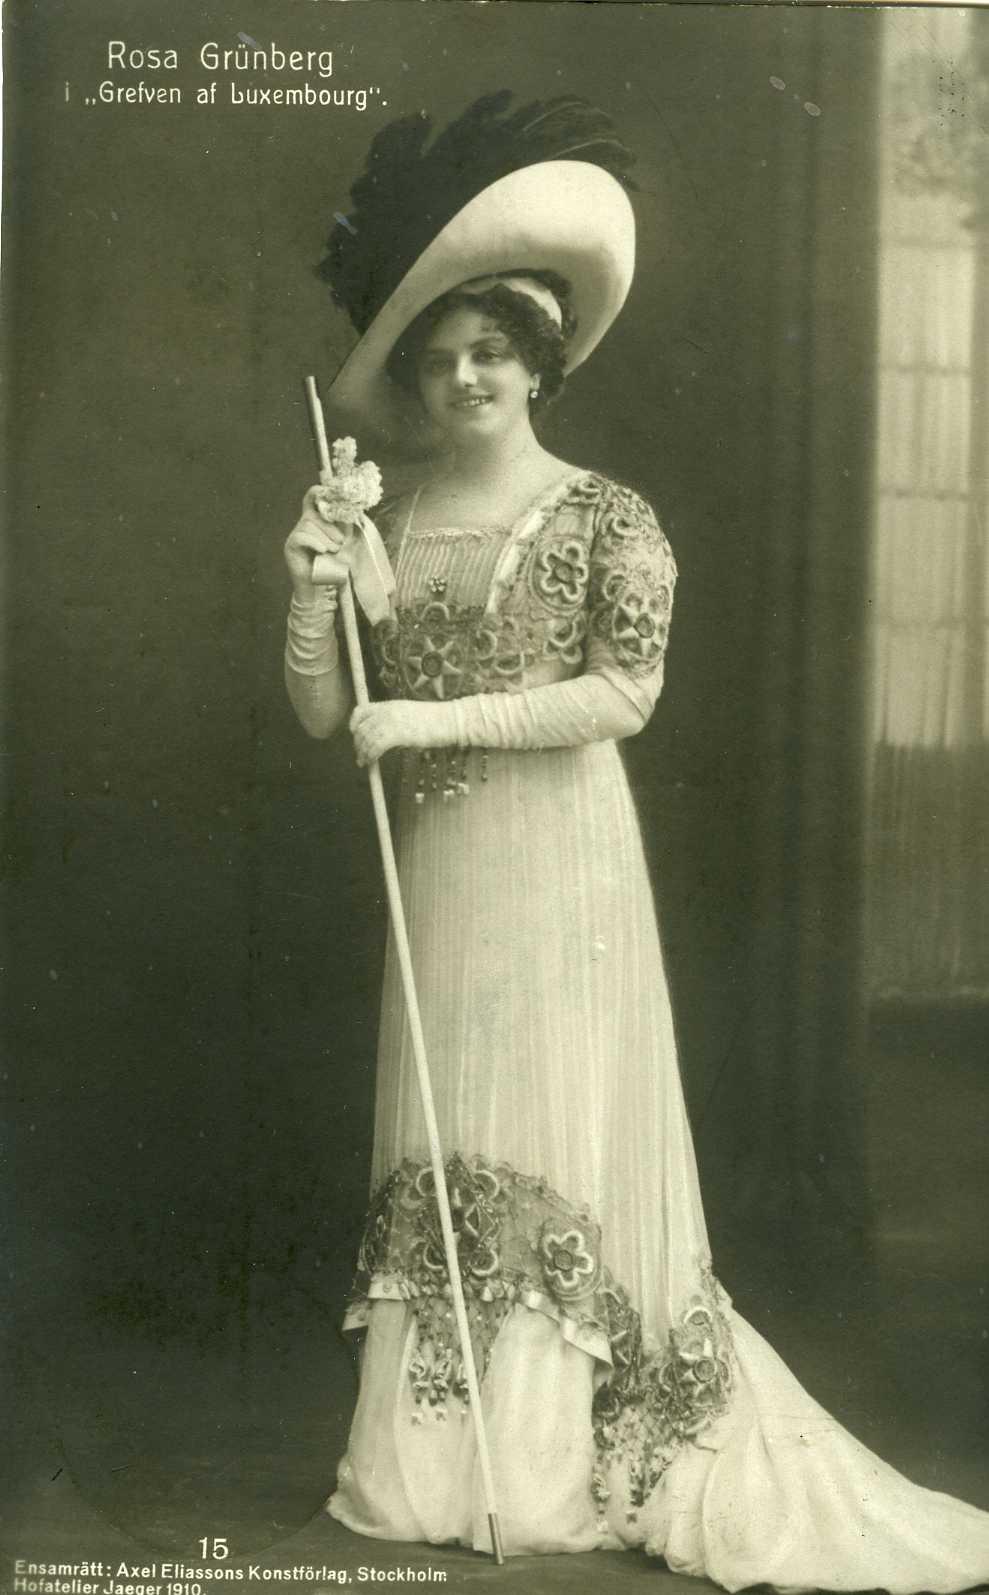 Rosa Grünberg